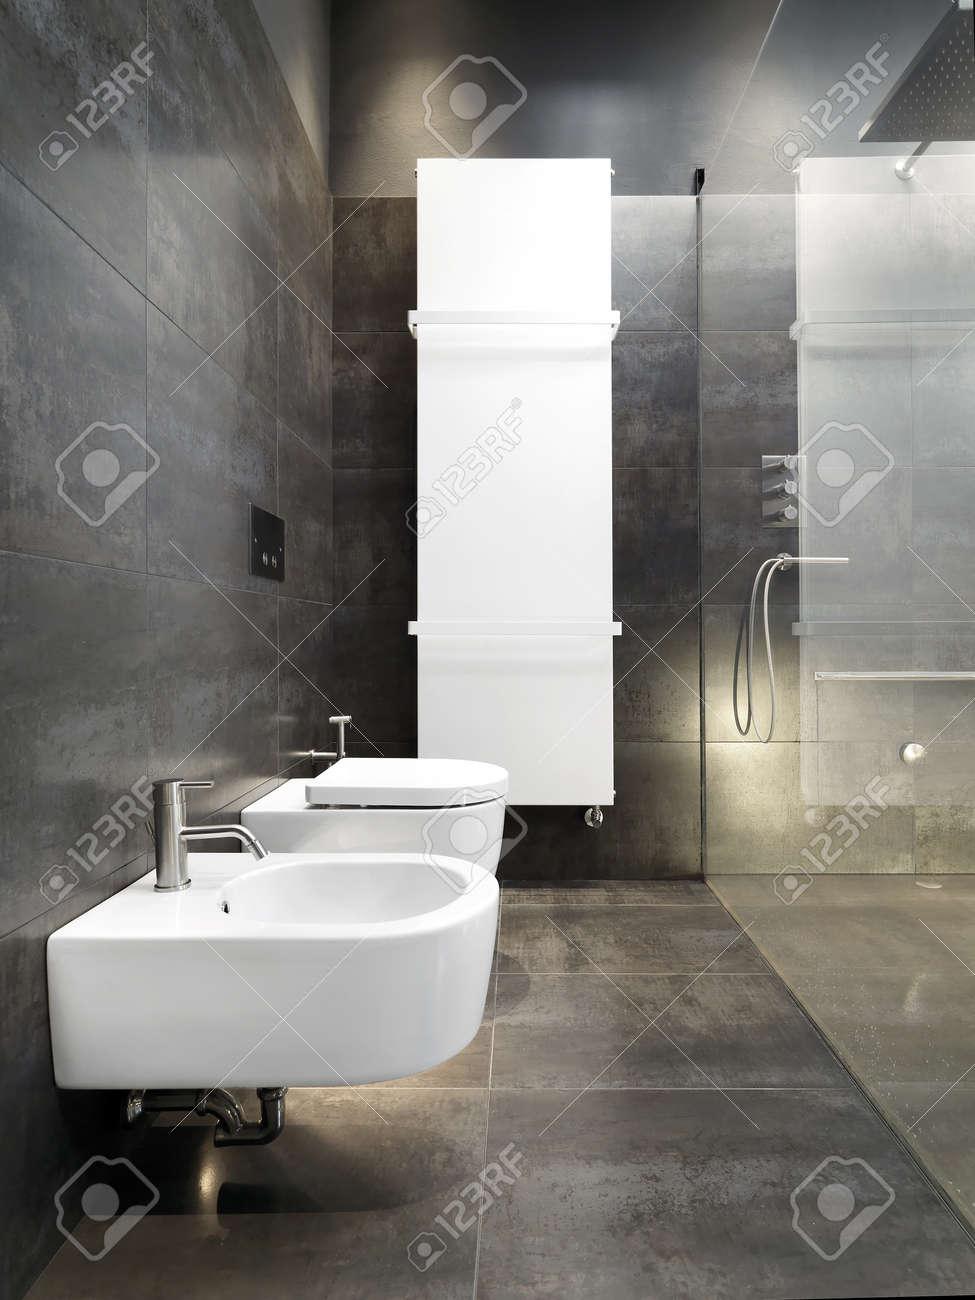 archivio fotografico dettaglio di sanitayware e riscaldamento in un bagno moderno con piastrelle scure